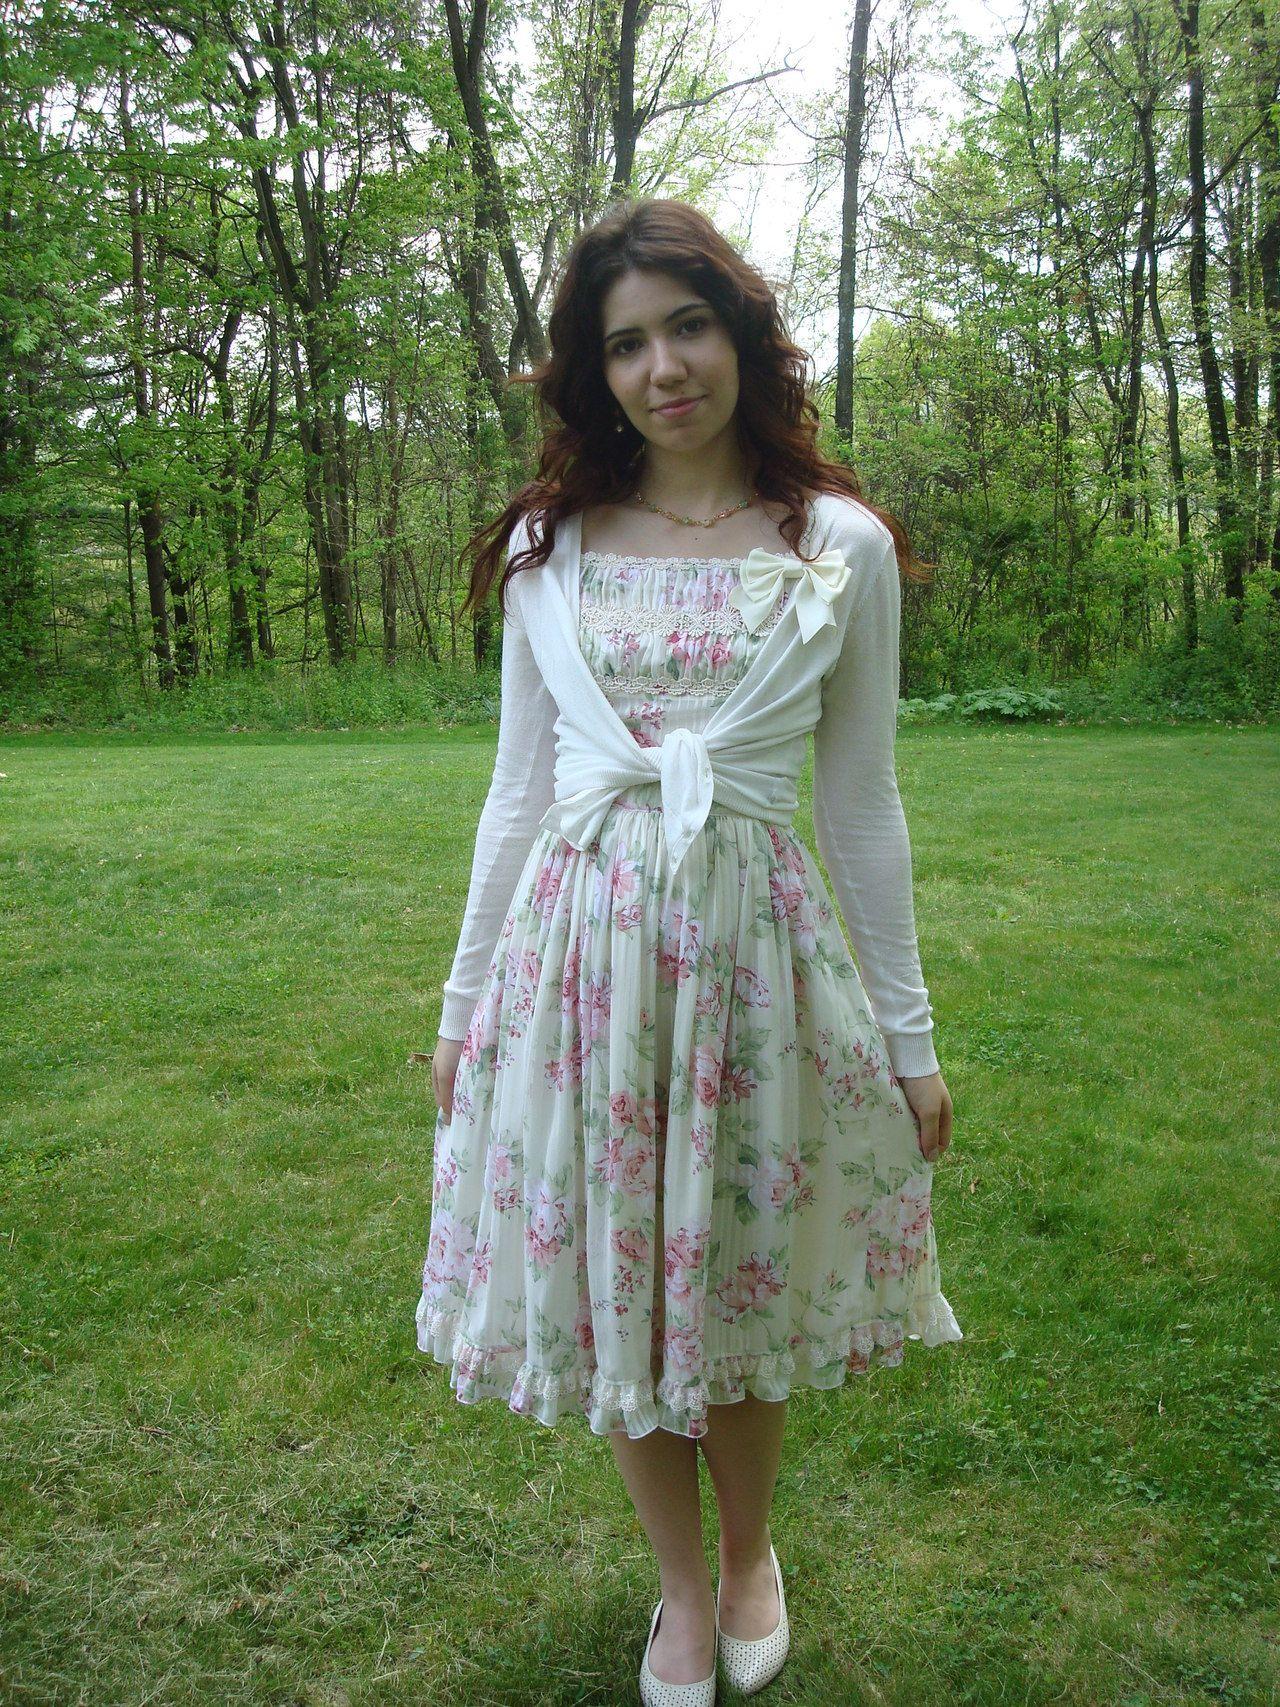 petticoat boy images - usseek.com